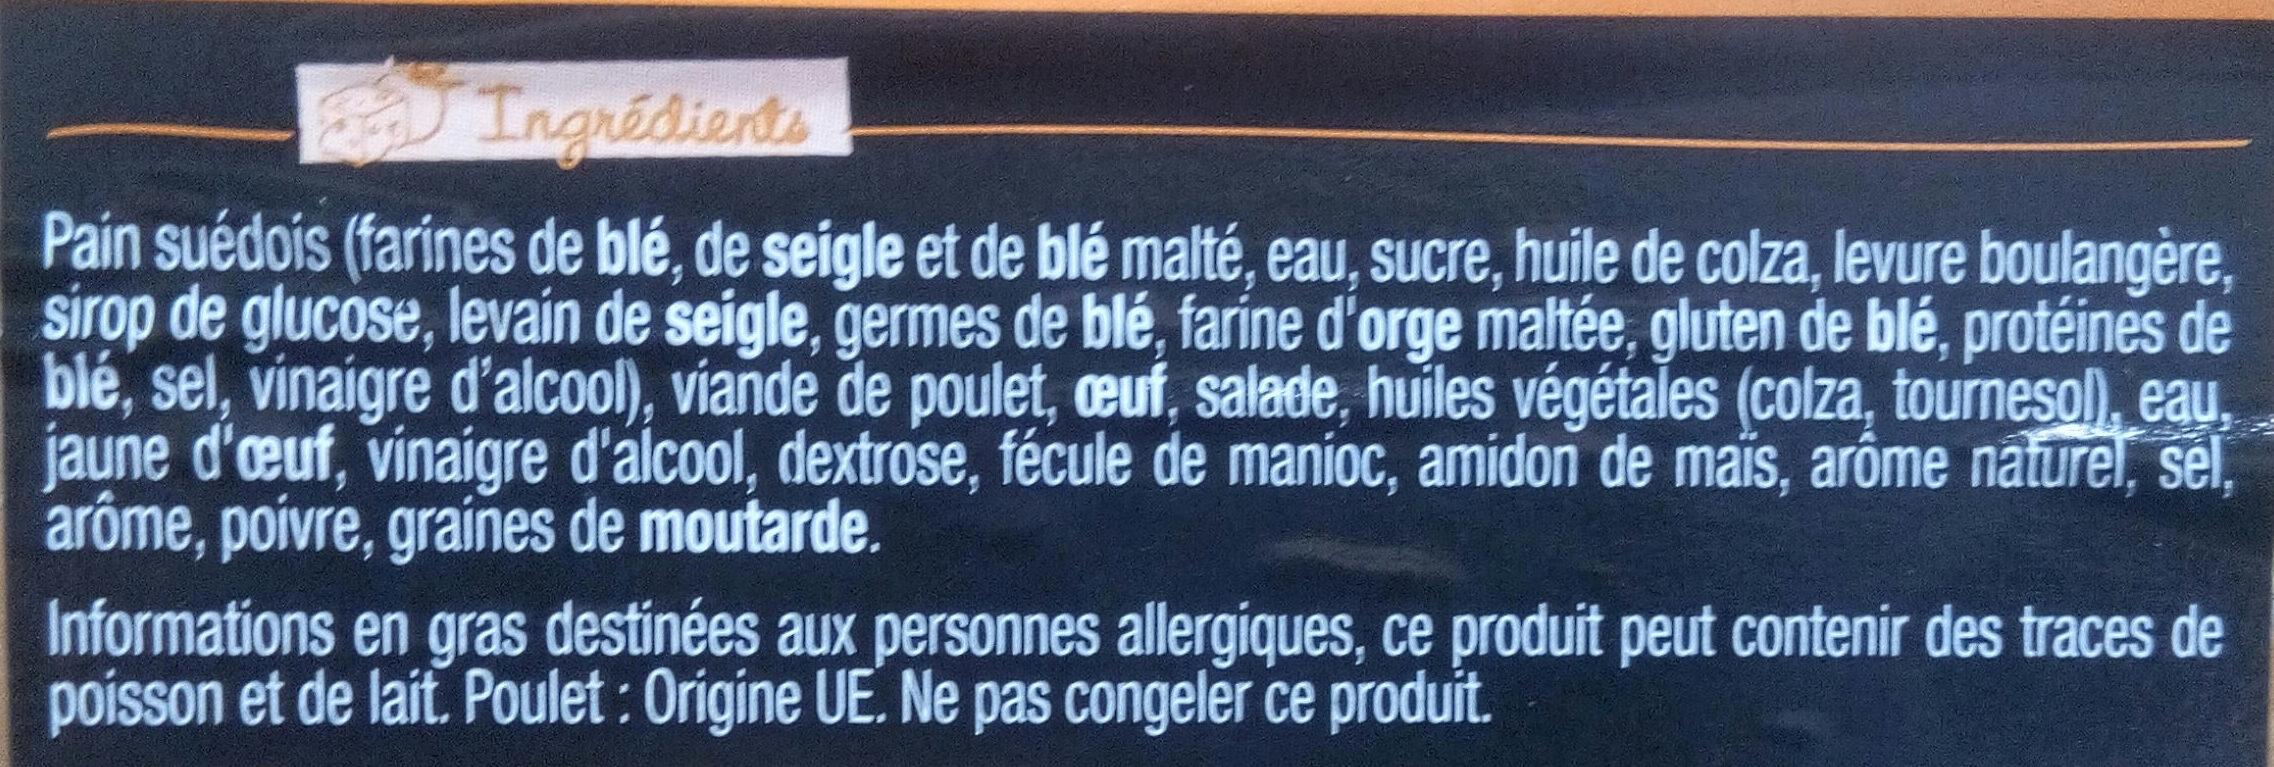 Sandwich Le Méga - Club - Poulet rôti Oeuf x3 / pain suédois - Ingredients